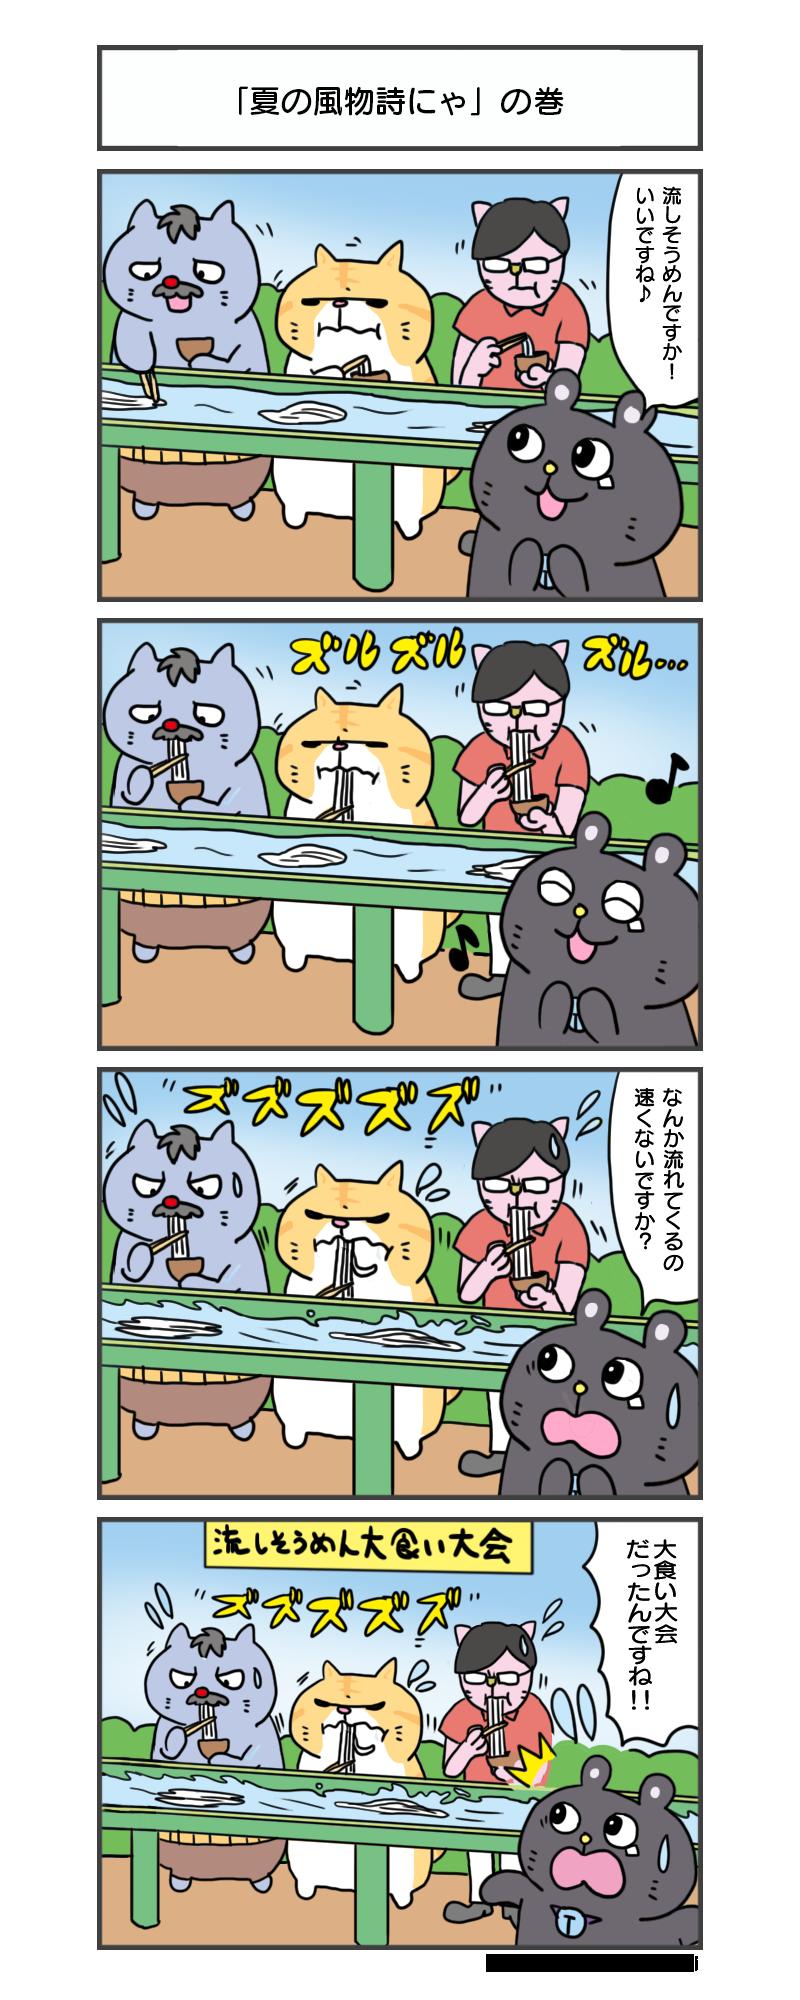 えきぞうmanga_vol315